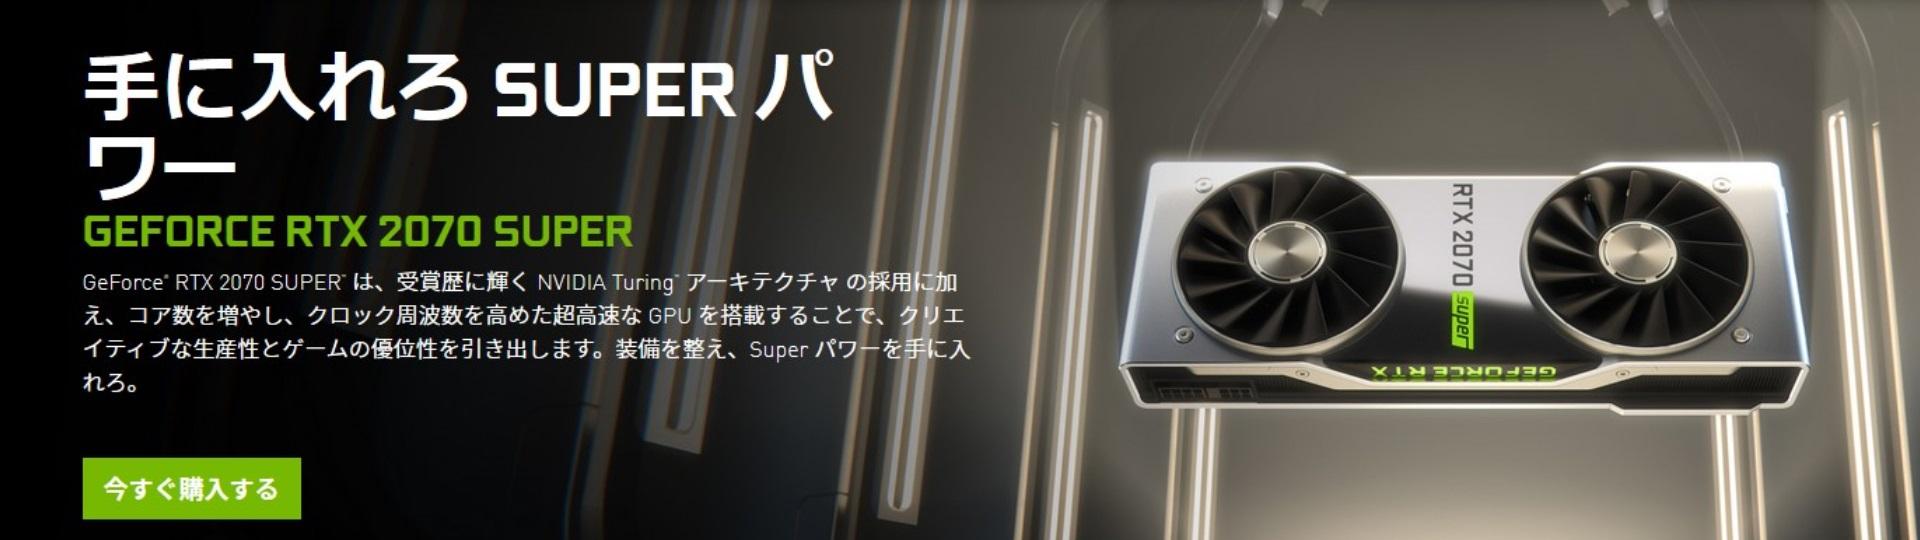 GeForce RTX 2070SUPER